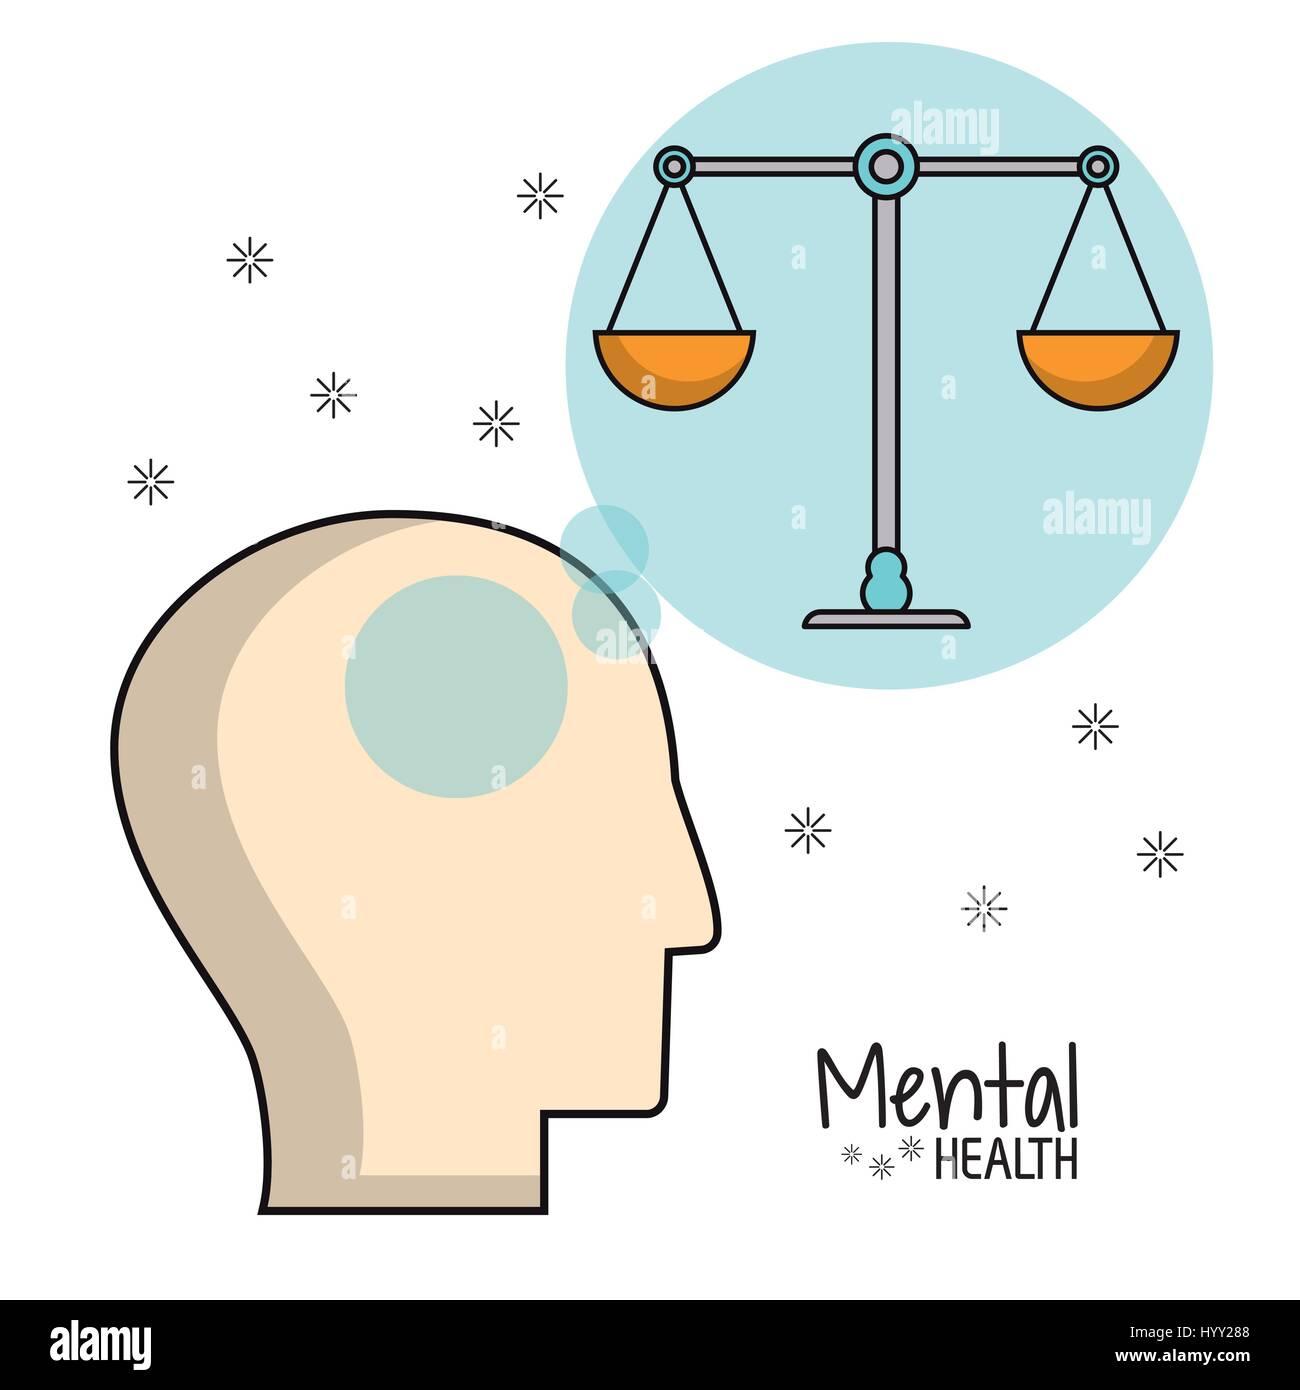 La salute mentale di testa immagine di equilibrio Immagini Stock